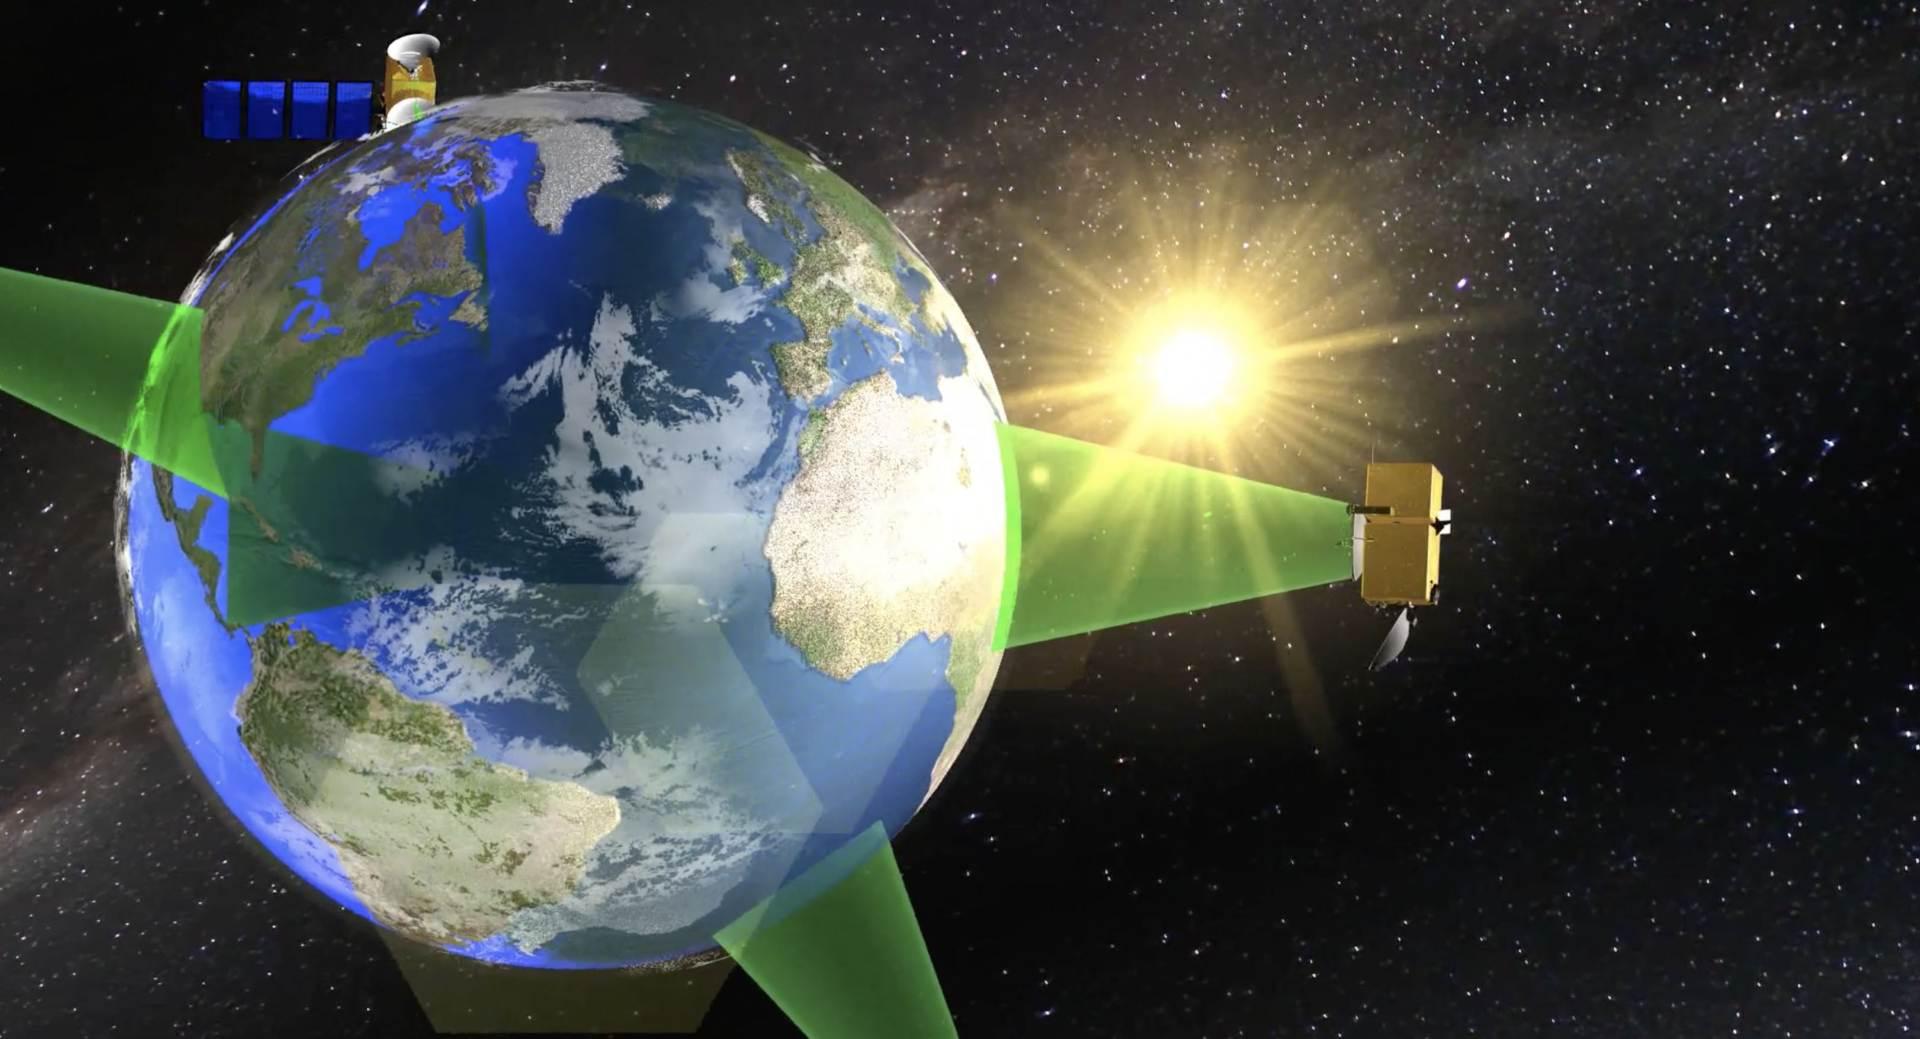 Satelliten sind Basis für digitale Vegetationskarten